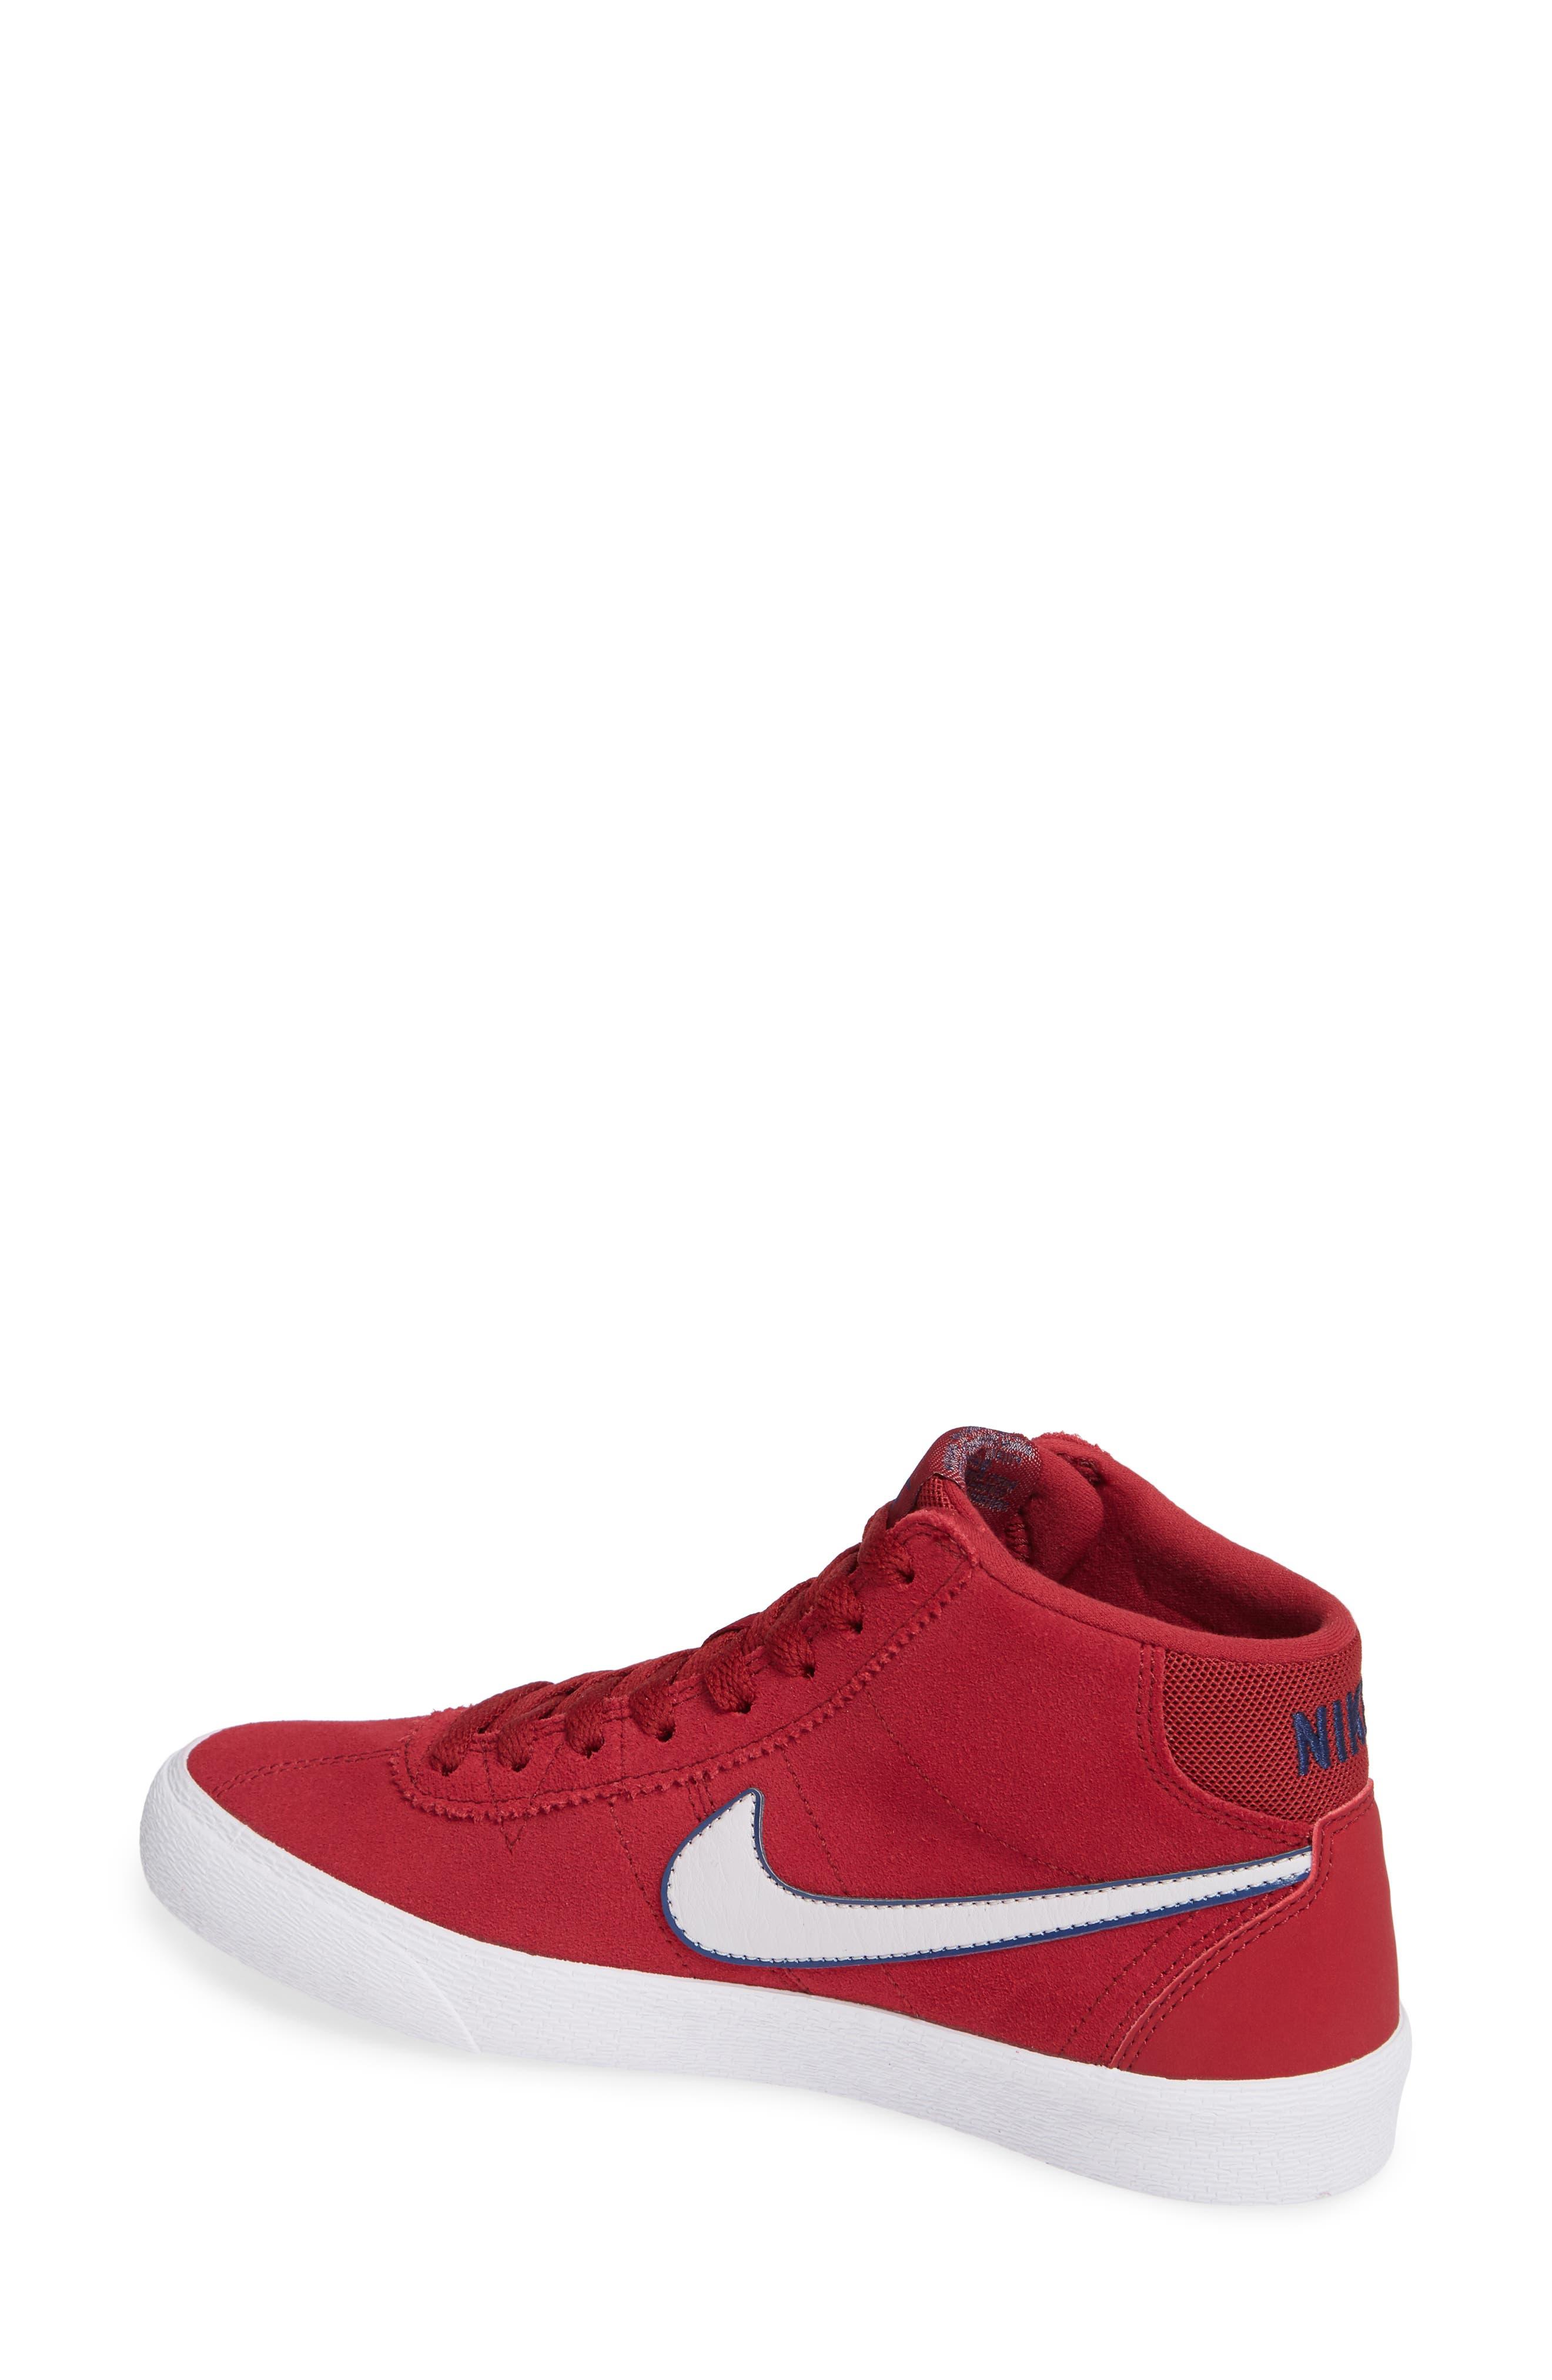 SB Bruin Hi Skateboarding Sneaker,                             Alternate thumbnail 2, color,                             Red Crush/ Vast Grey/ White